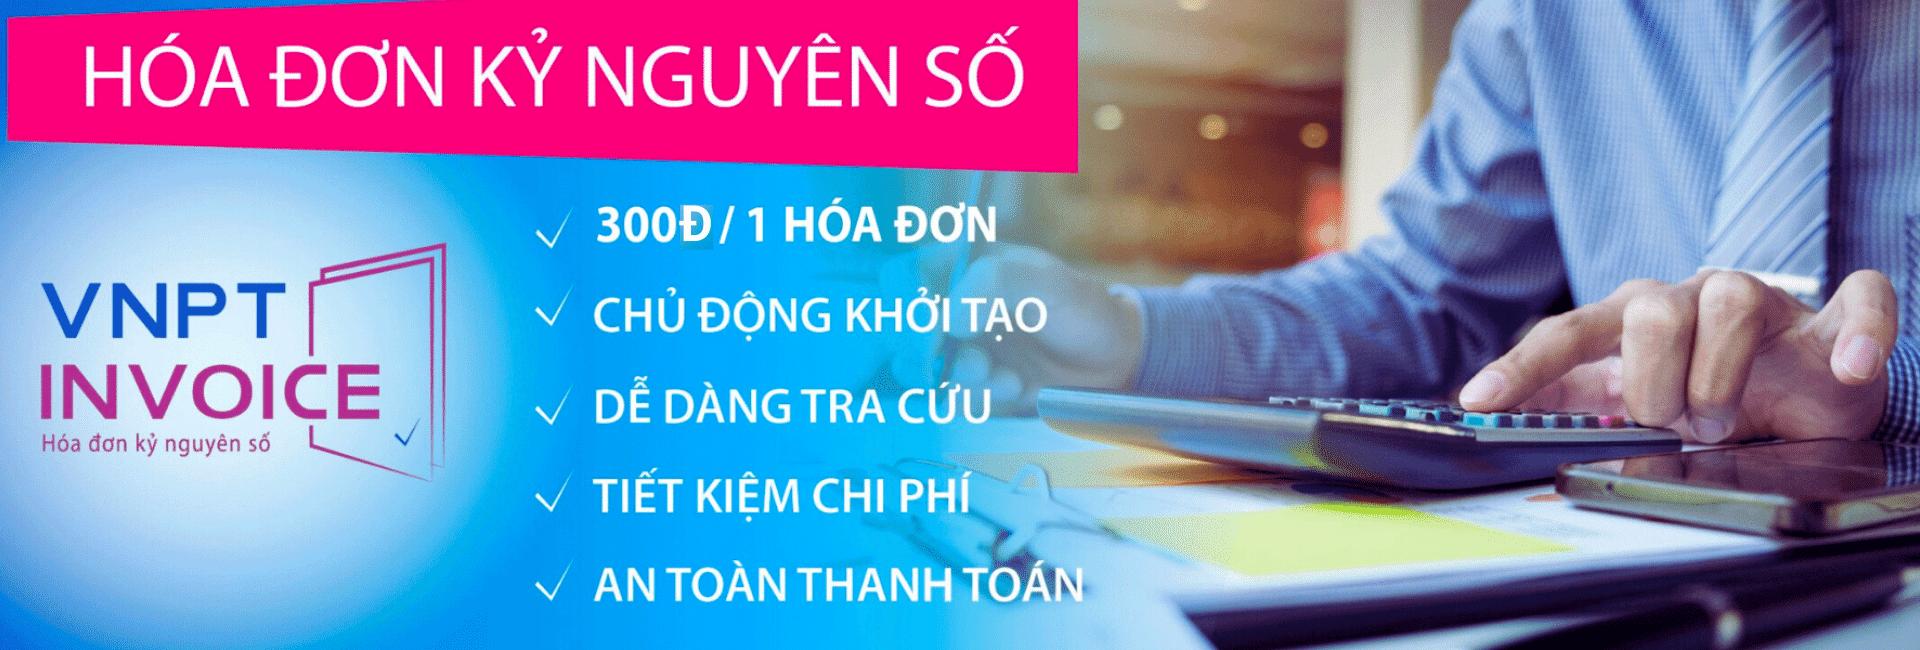 hoa_don_dien_tu_vnpt